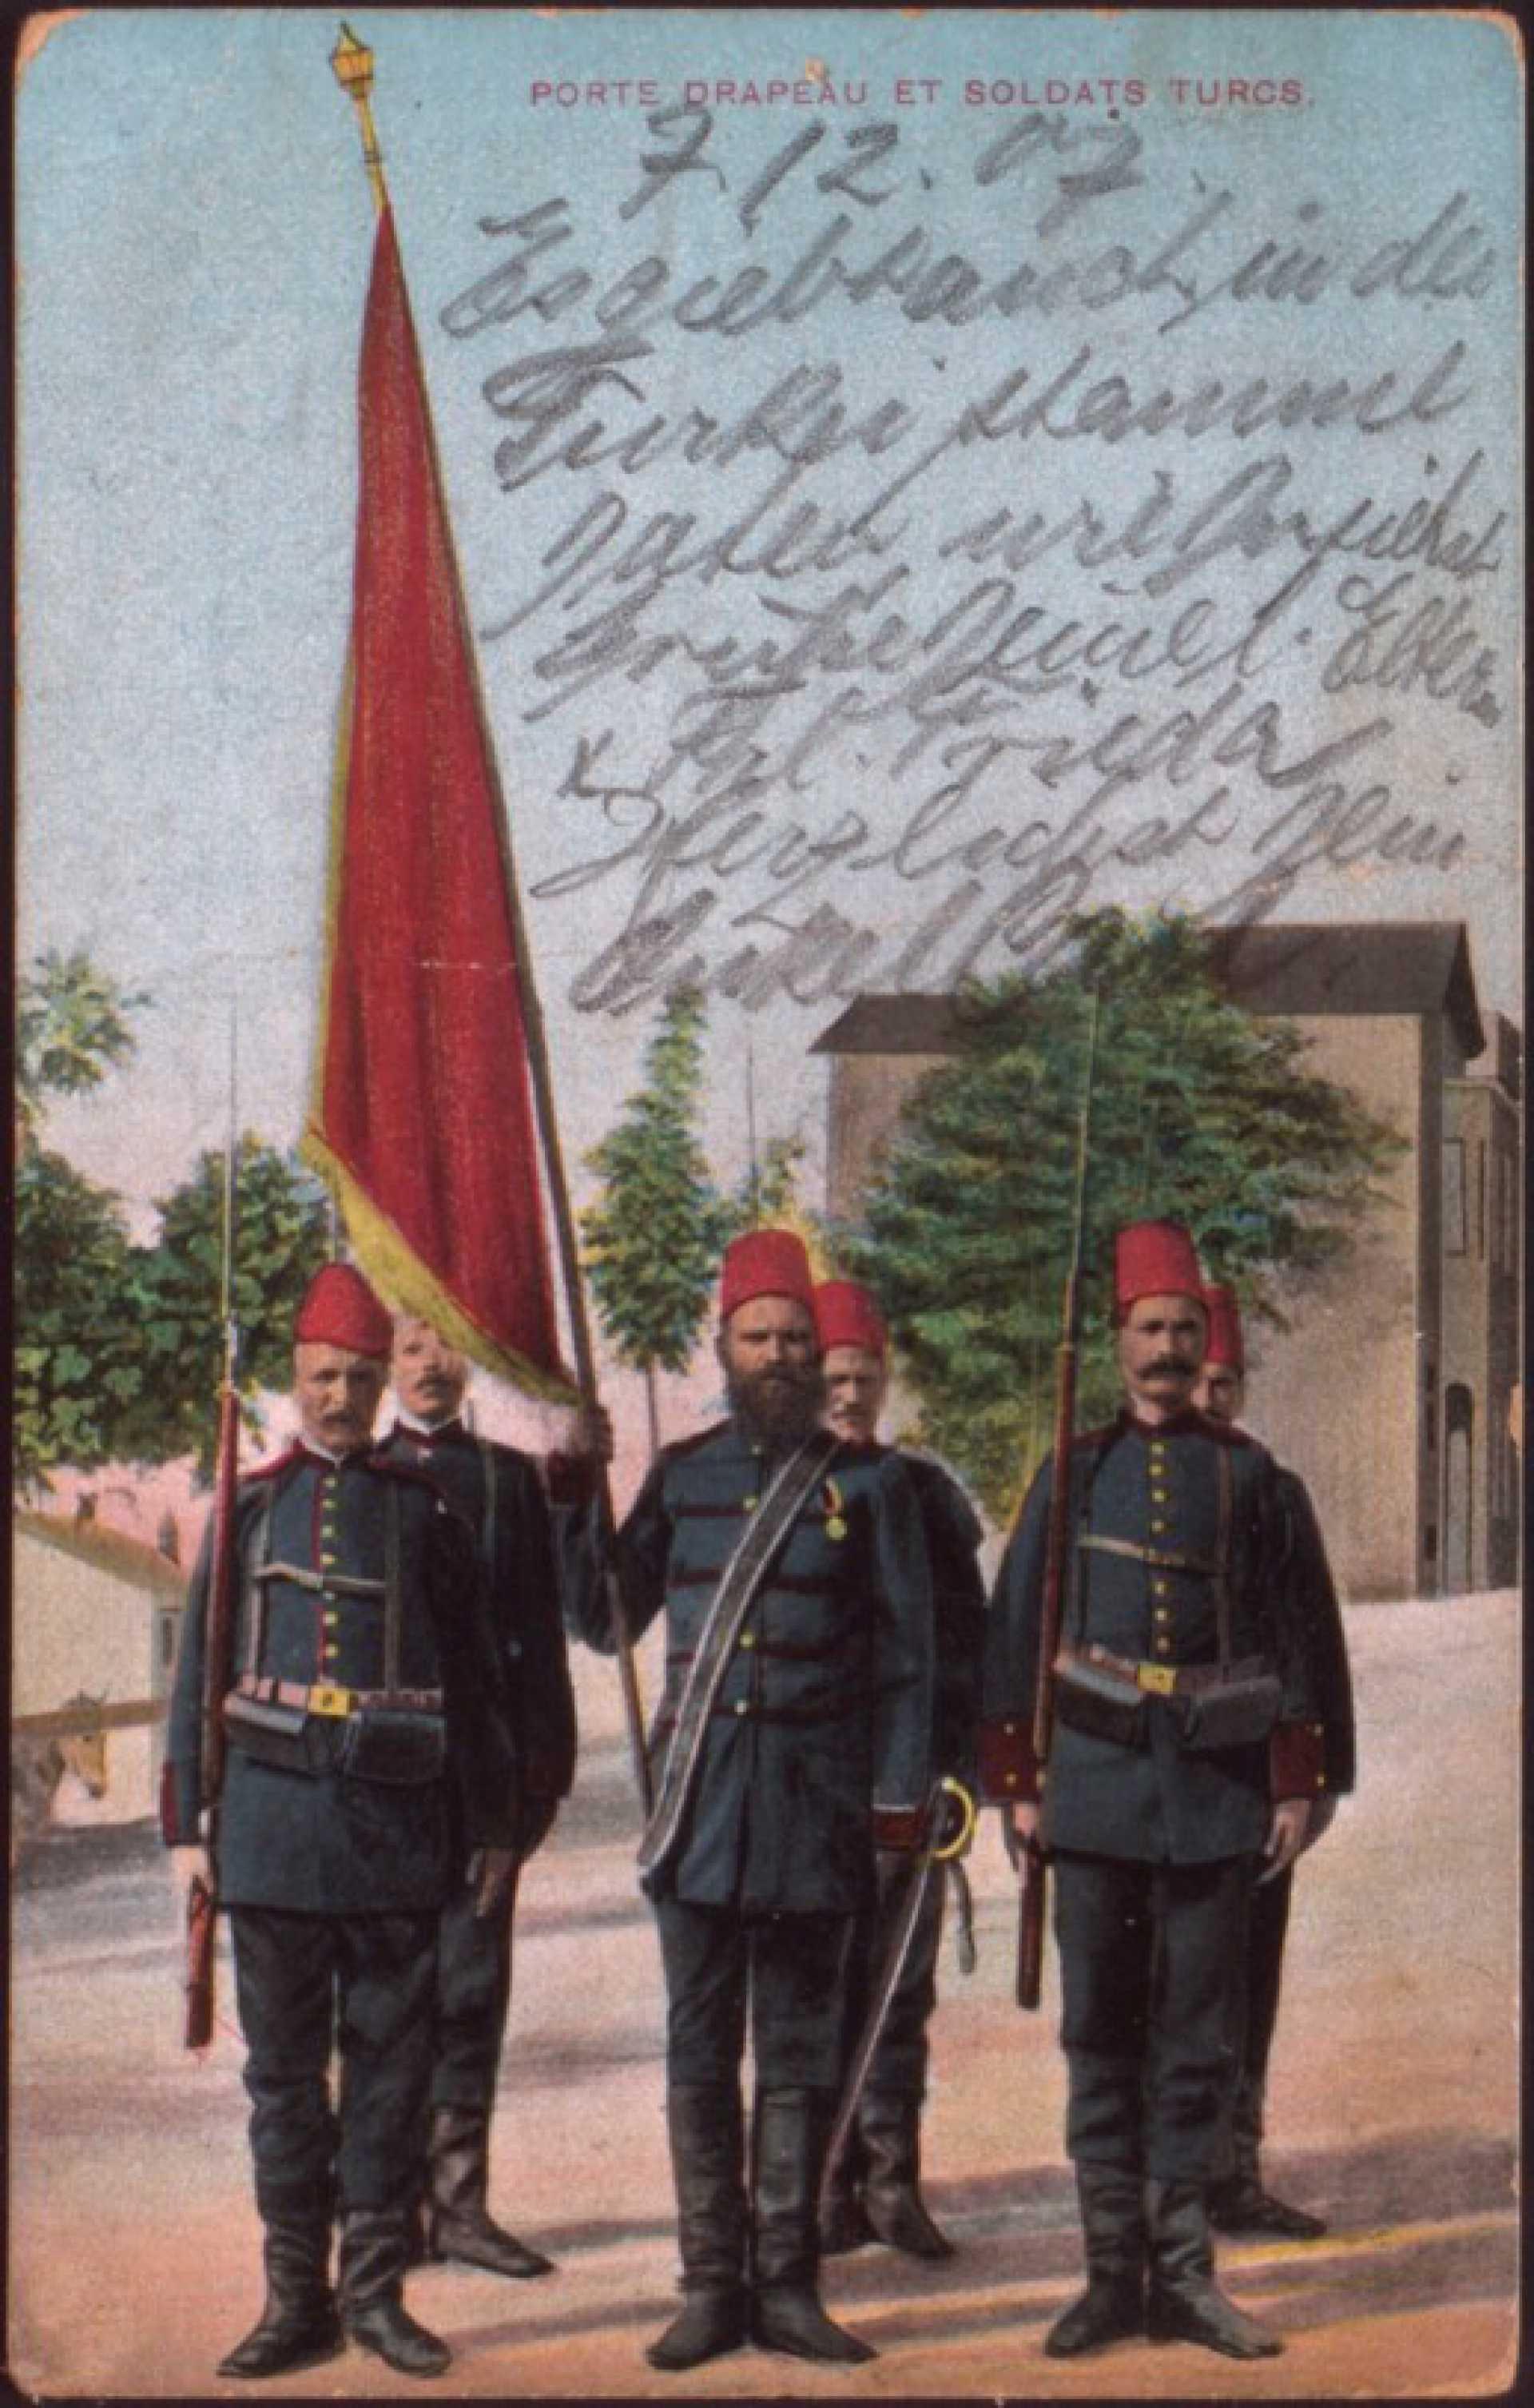 Porte drapeau et soldats turce